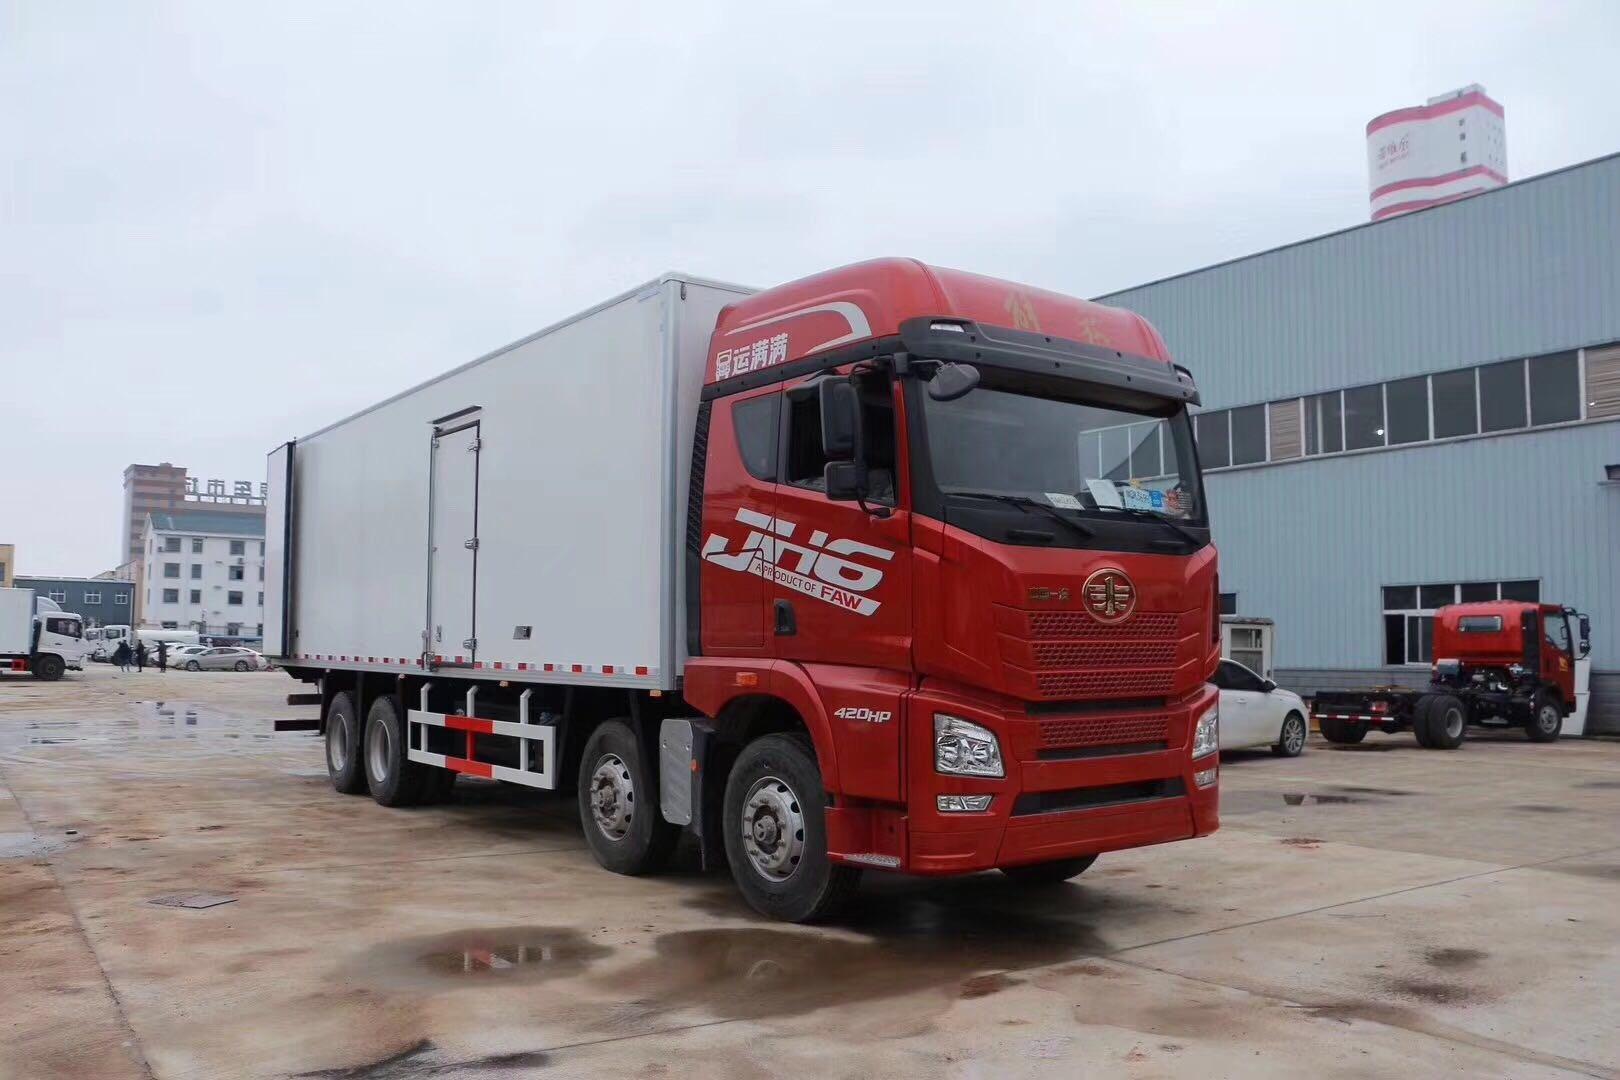 解放JH6运满满版9米6冷藏车图片